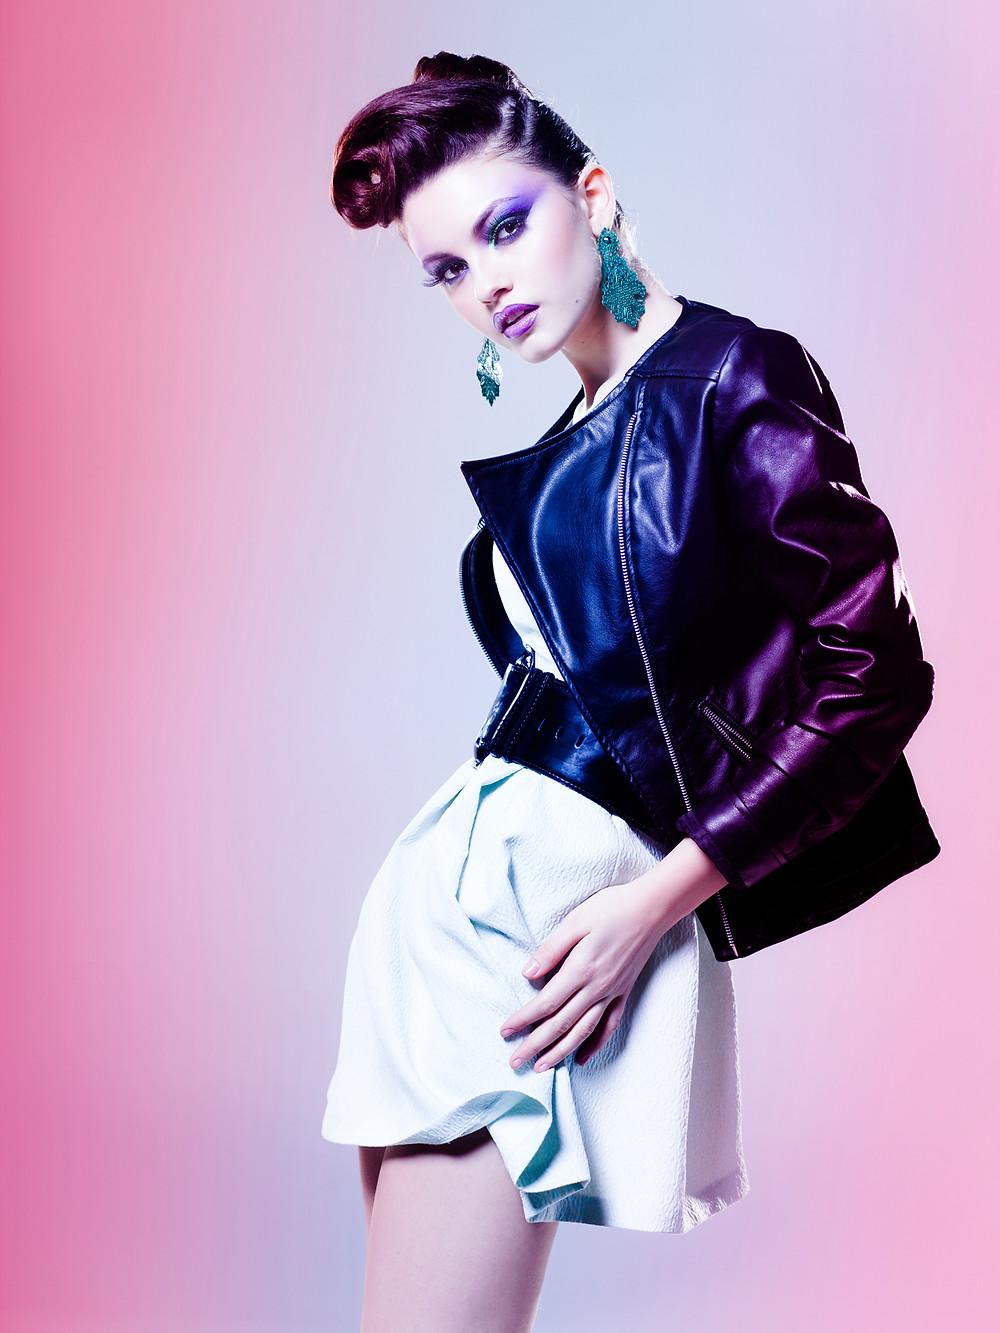 Bliss & Bling Blog: Fall Fashion Fabulous